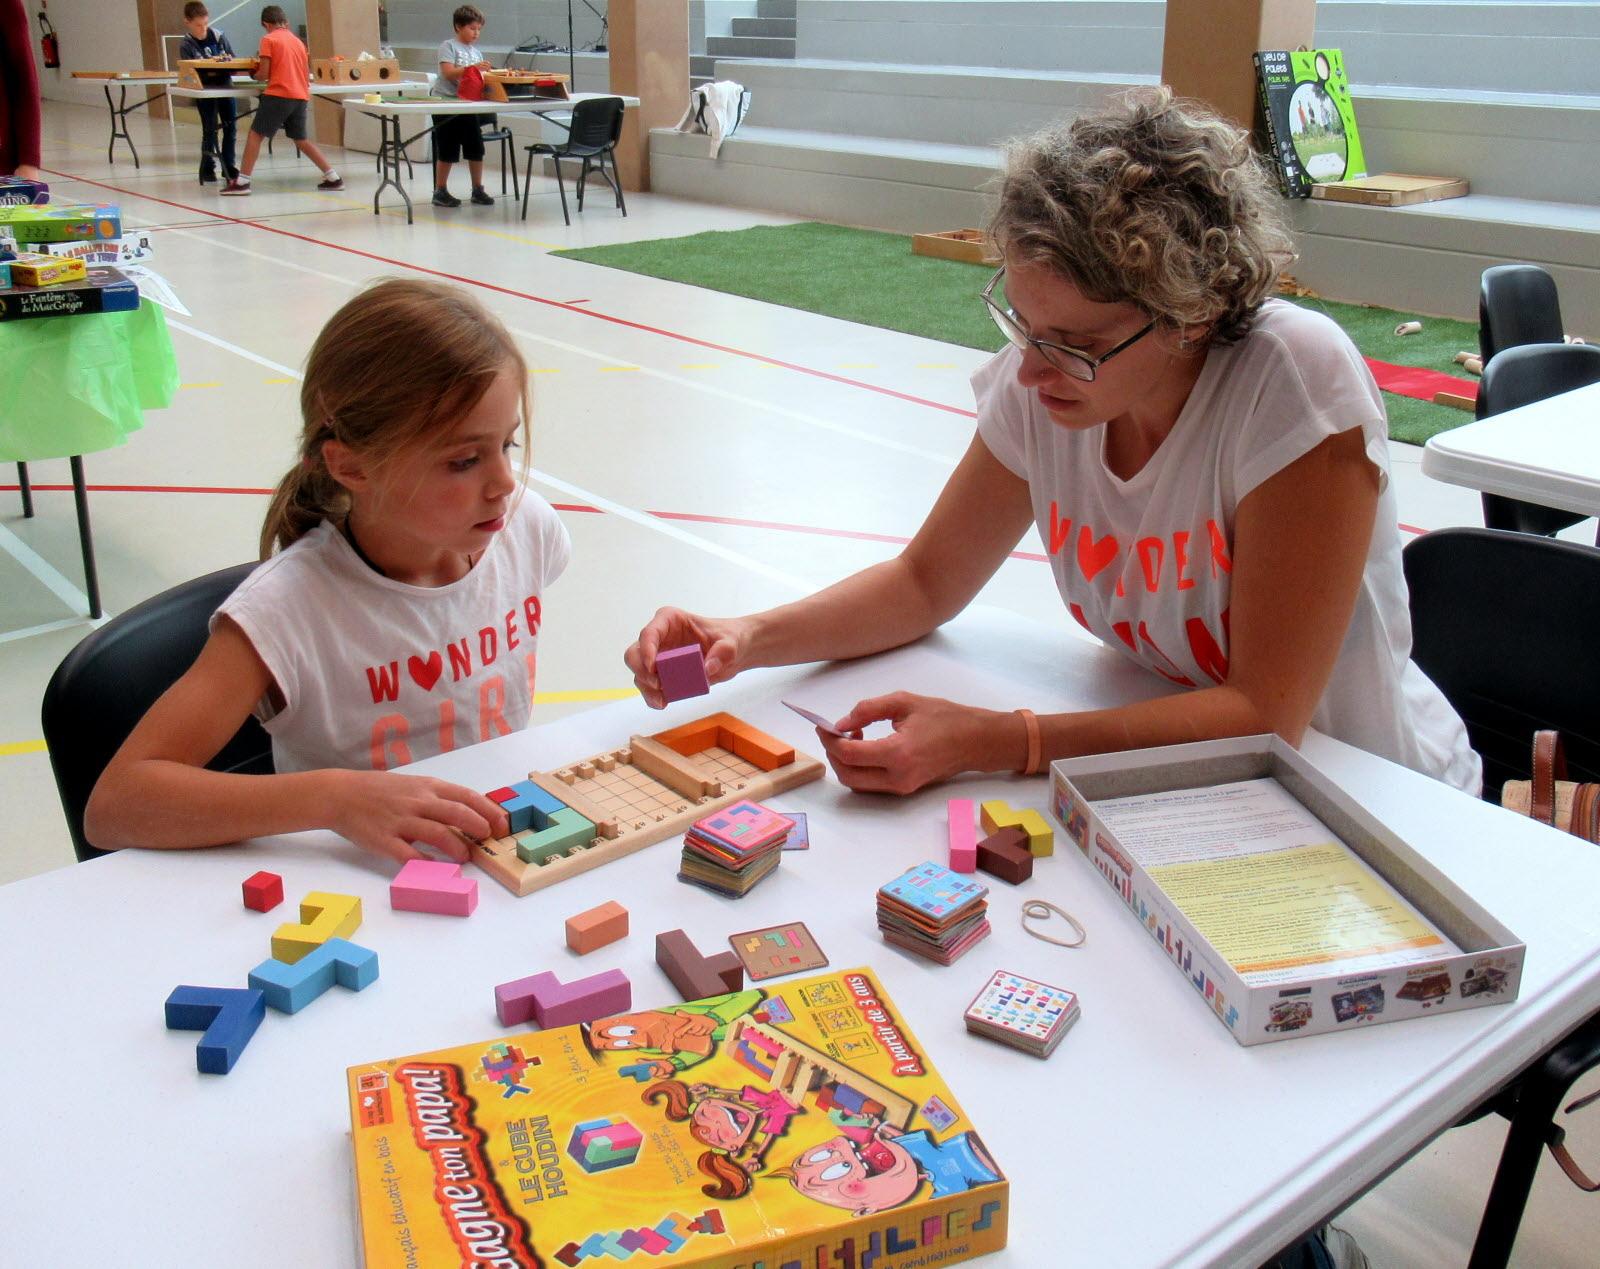 Lozanne | Lozanne : Un Festival De Jeux Gratuit Pour Petits concernant Jeux Gratuit Enfant De 3 Ans